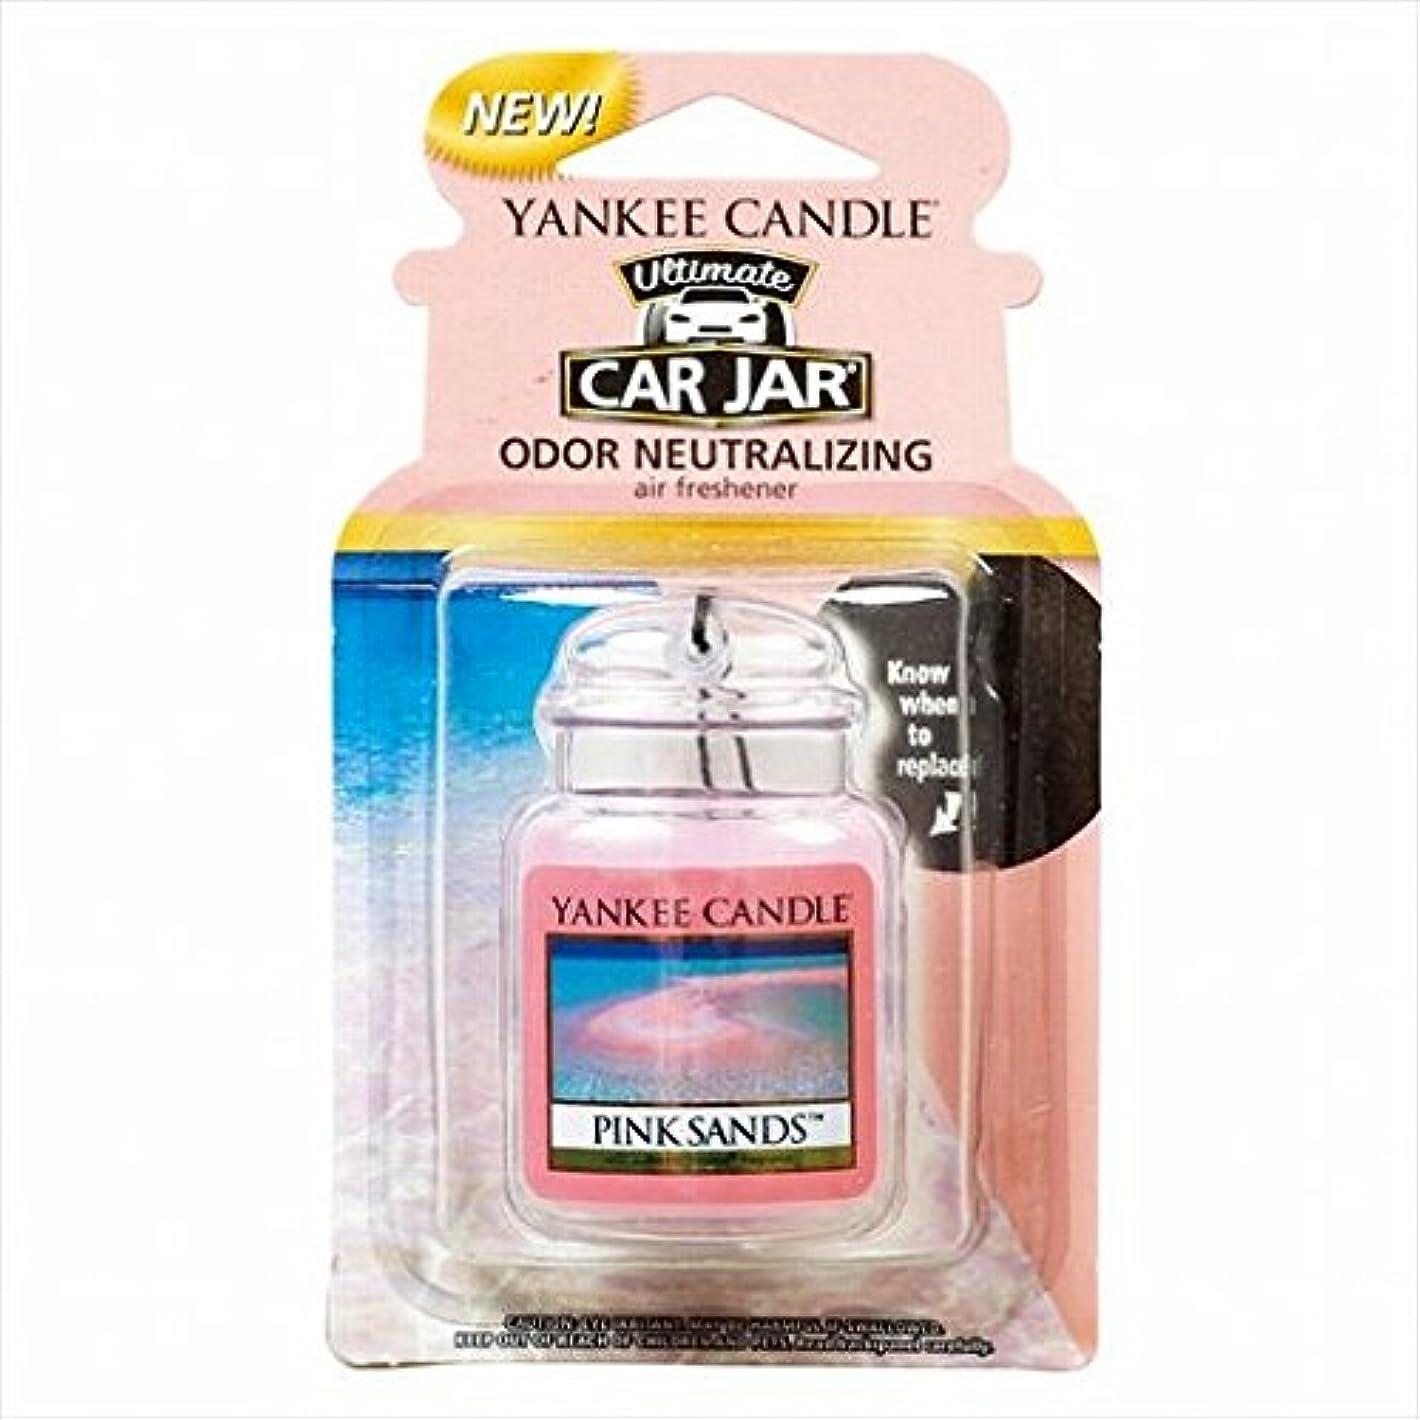 作業タックル乱れカメヤマキャンドル( kameyama candle ) YANKEE CANDLE ネオカージャー 「 ピンクサンド 」